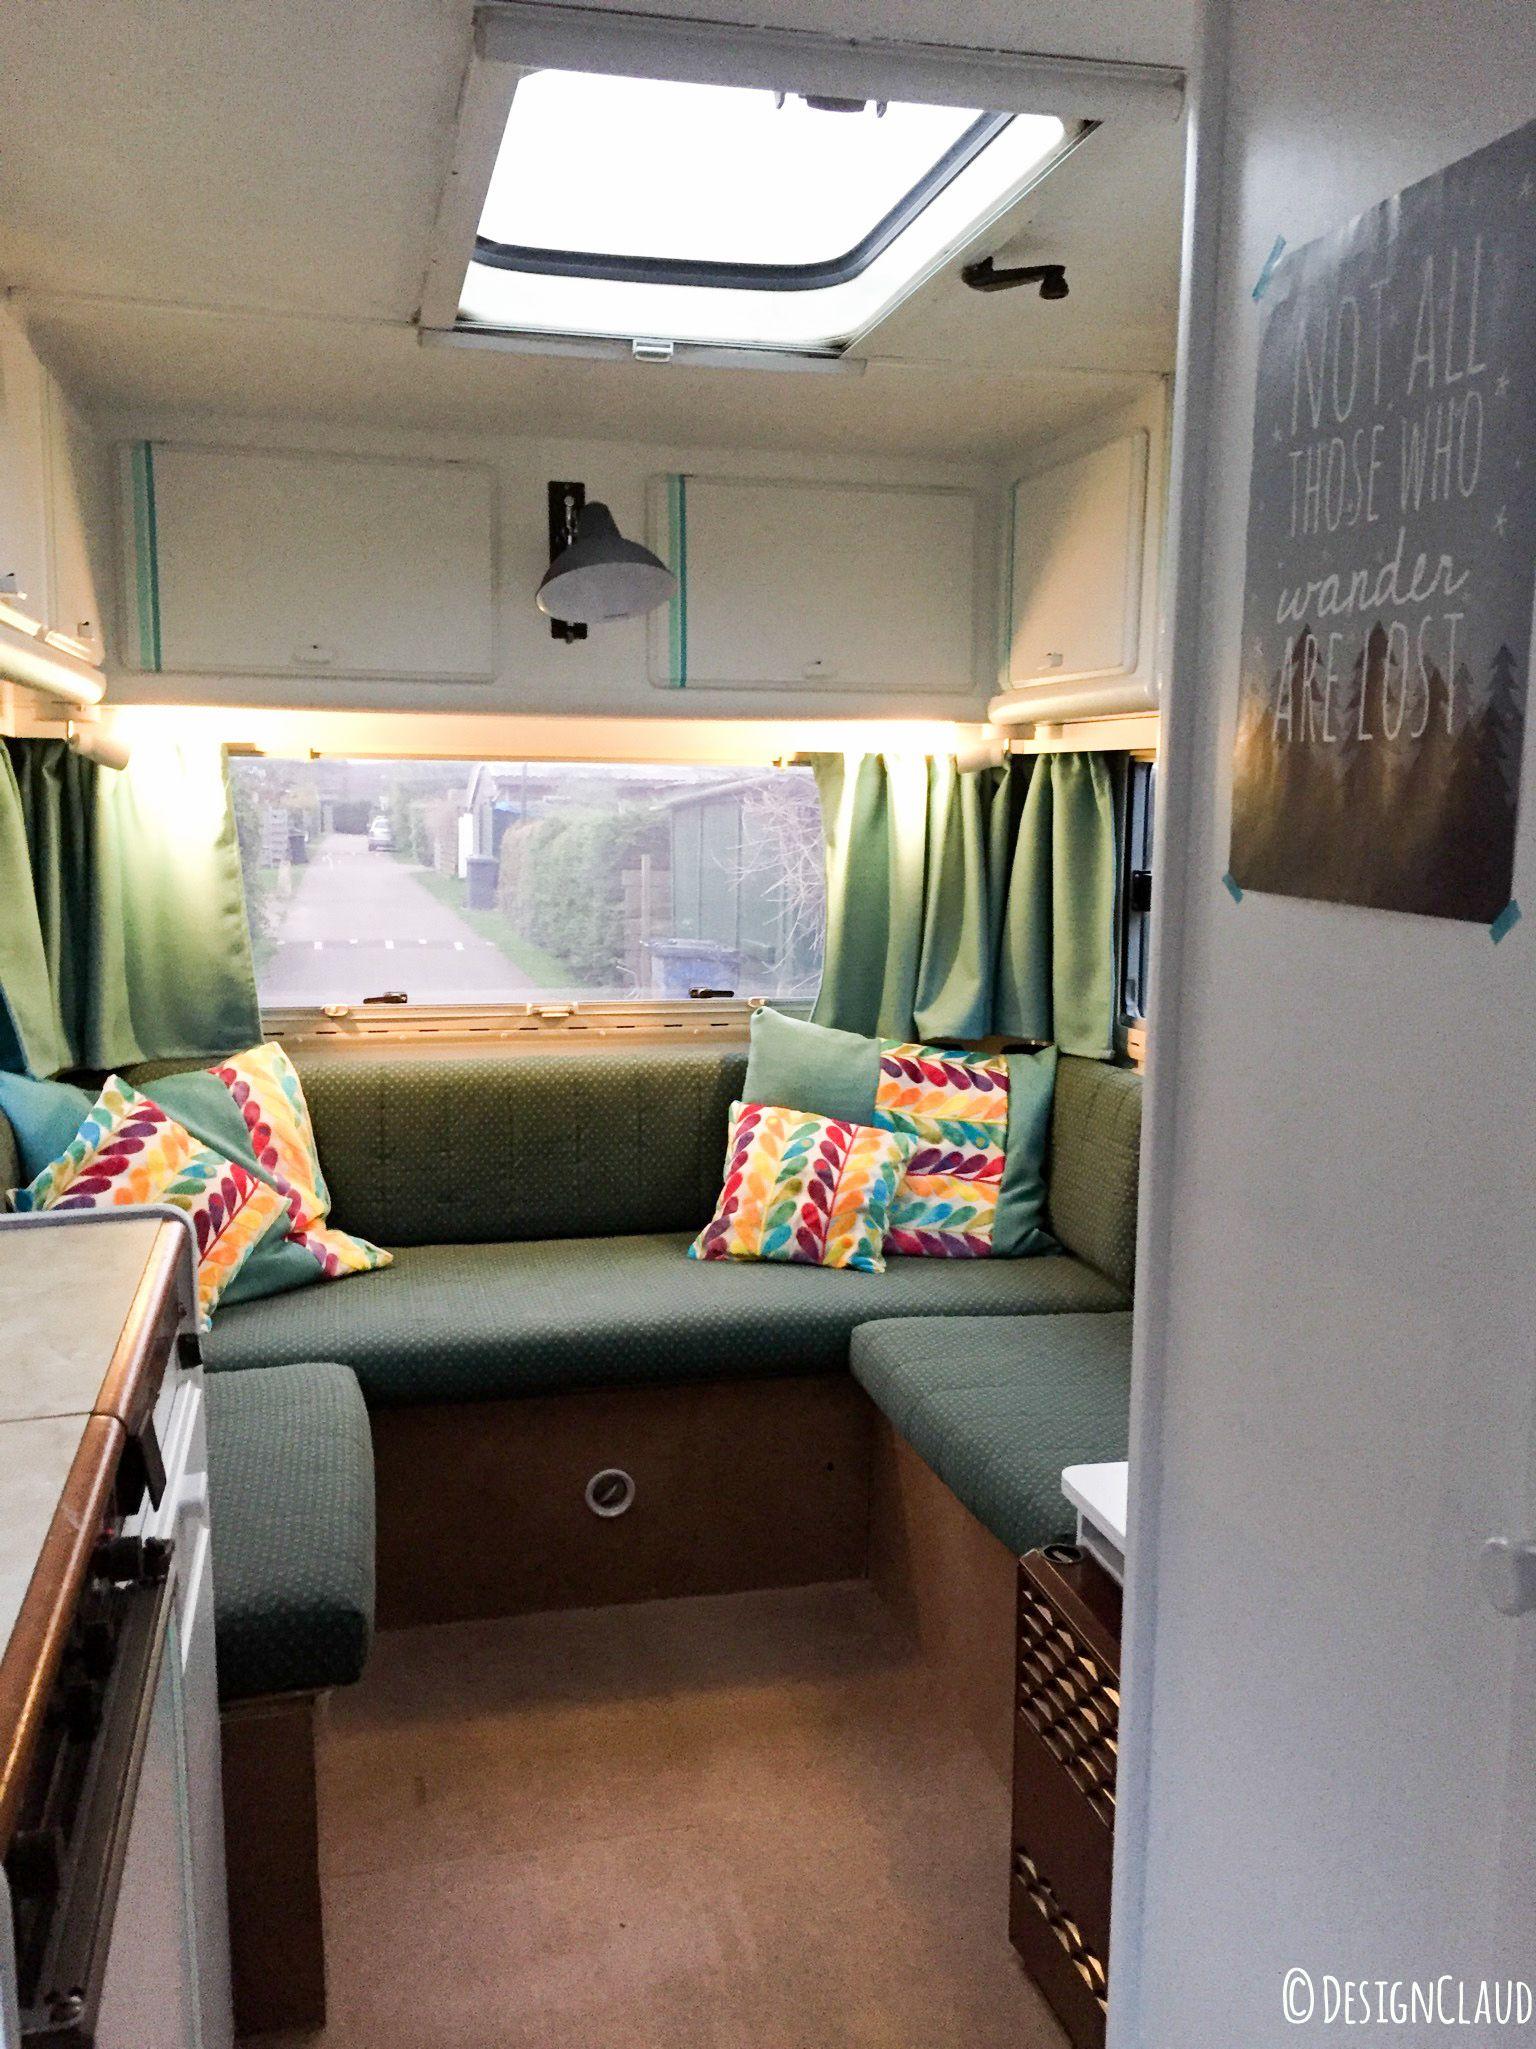 Gordijnen voor caravan maken in 5 stappen | Holiday | Pinterest ...